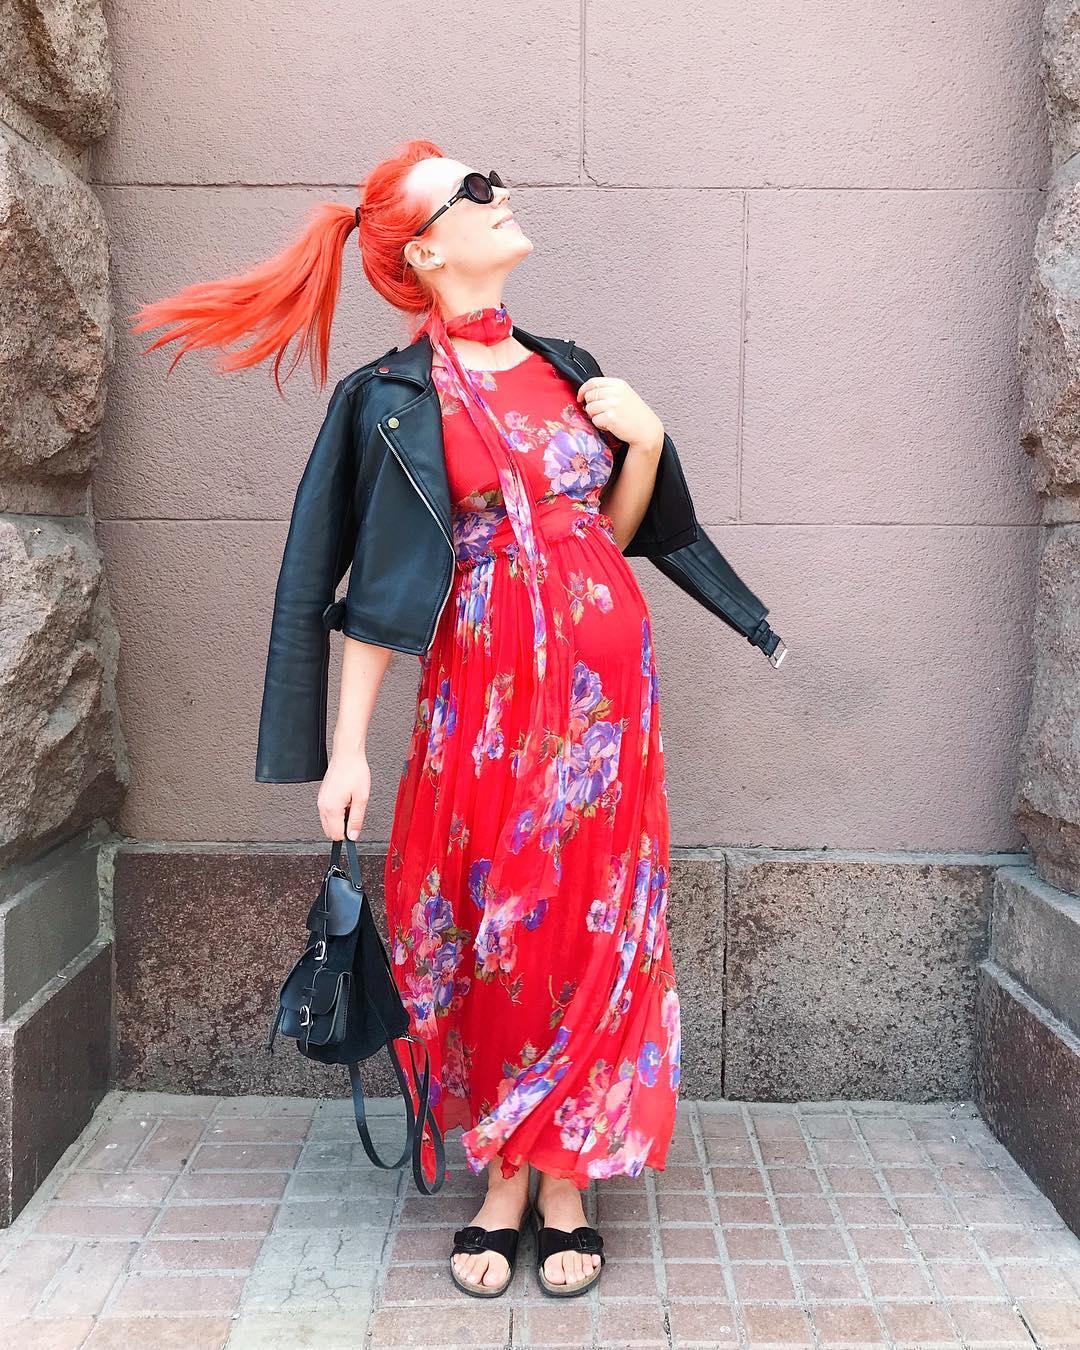 Певица позировала в платье, которое подчеркивало ее положение